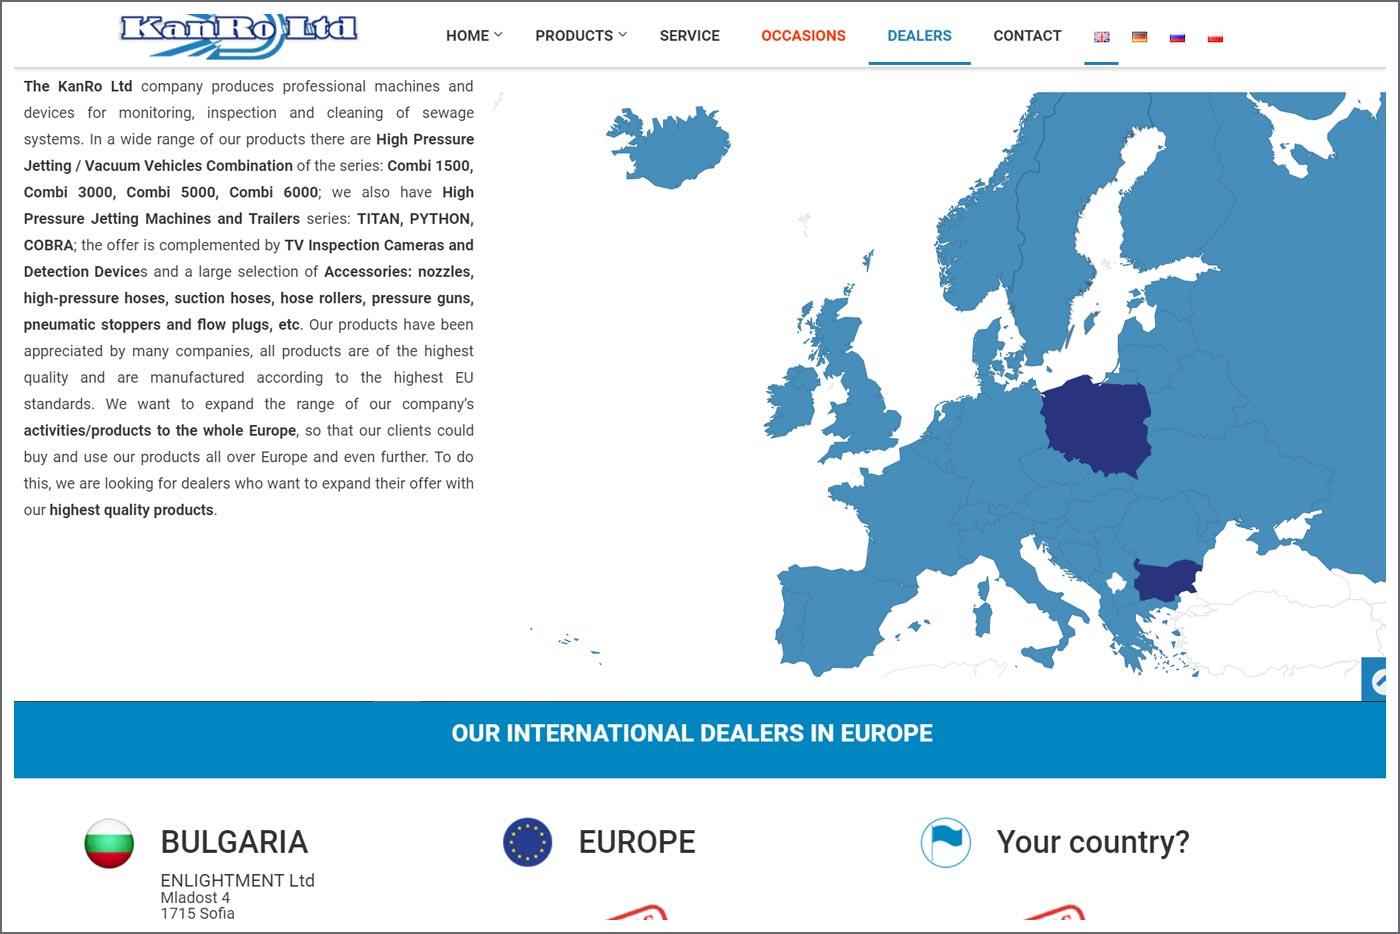 www.evion.pl-agencja-reklamowa-agencja-marketingowa-agencja-interaktywna-Białystok-tworzenie-stron-www-projektowanie-stron-internetowych-tworzenie-sklepów-internetowych budowanie (1)